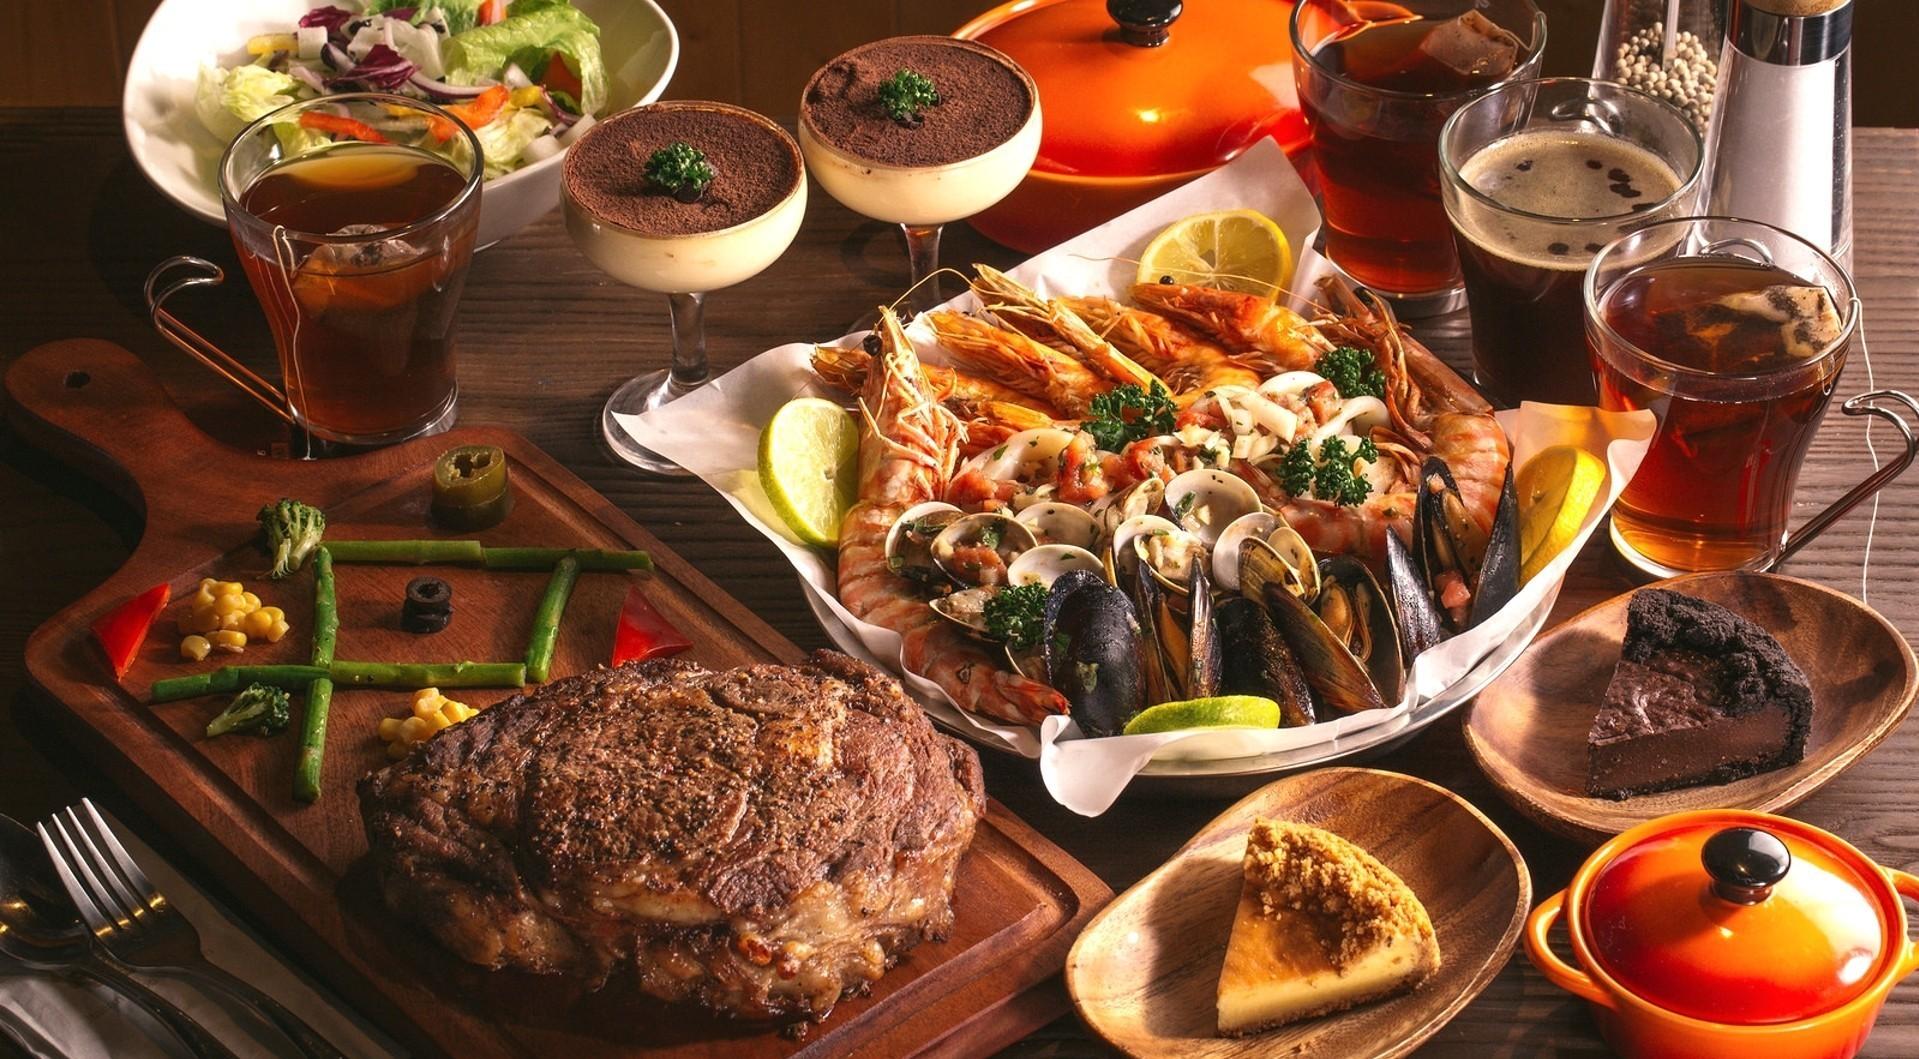 Restaurant Weihnachtsessen.Hintergrundbilder Lebensmittel Wein Restaurant Steak Dessert